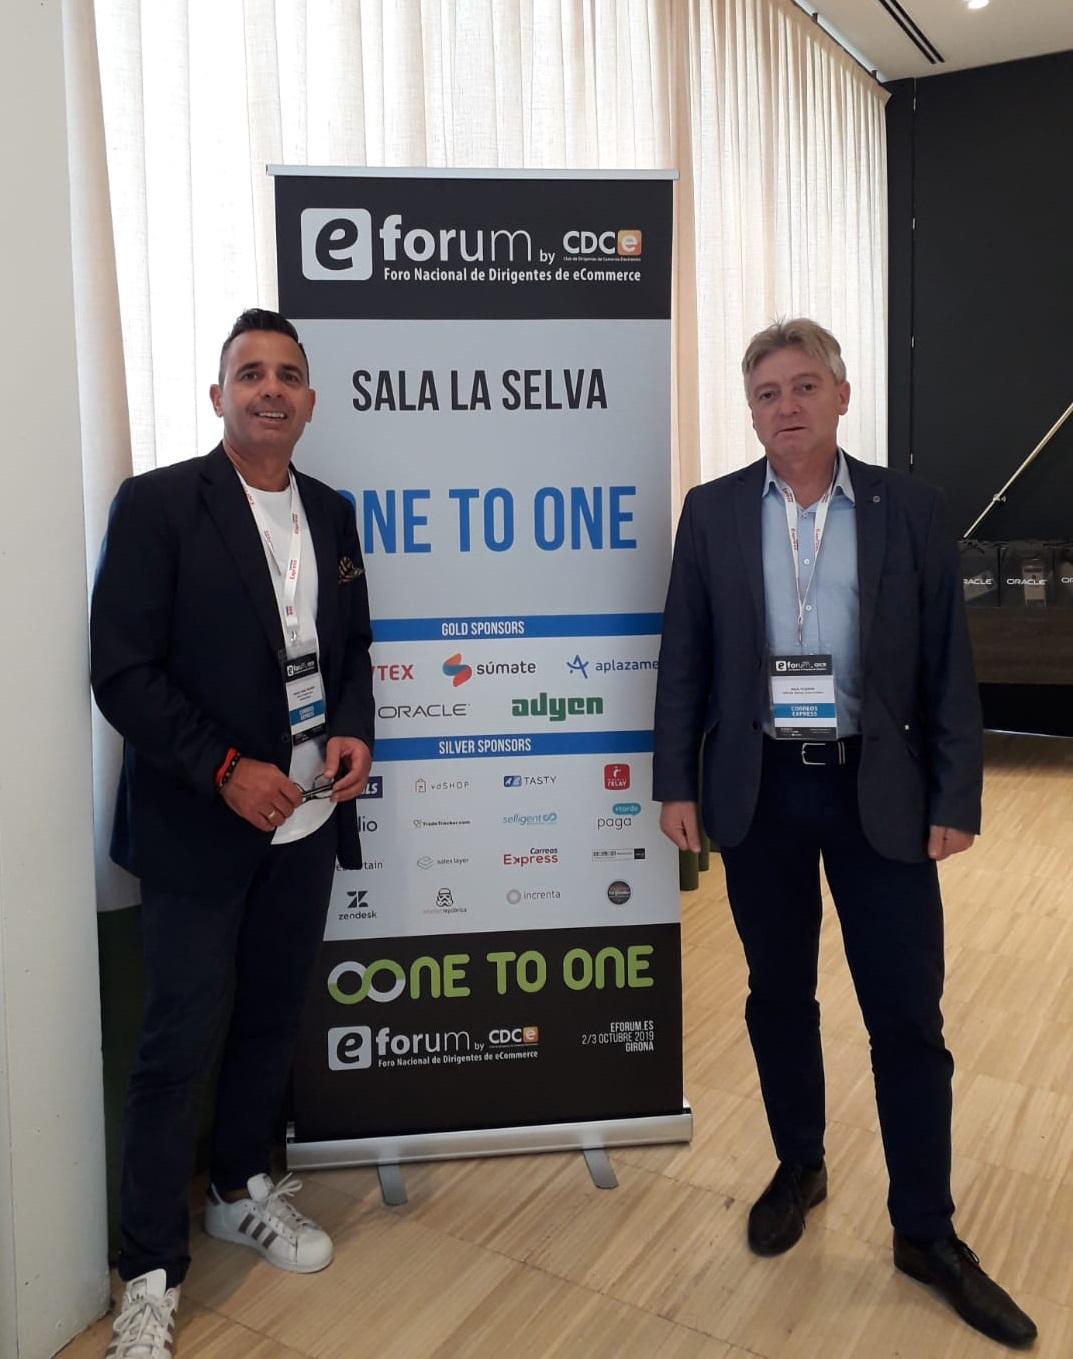 En Correos Express participamos en el eForum de Gerona: el IV Foro Nacional de Dirigentes del eCommerce